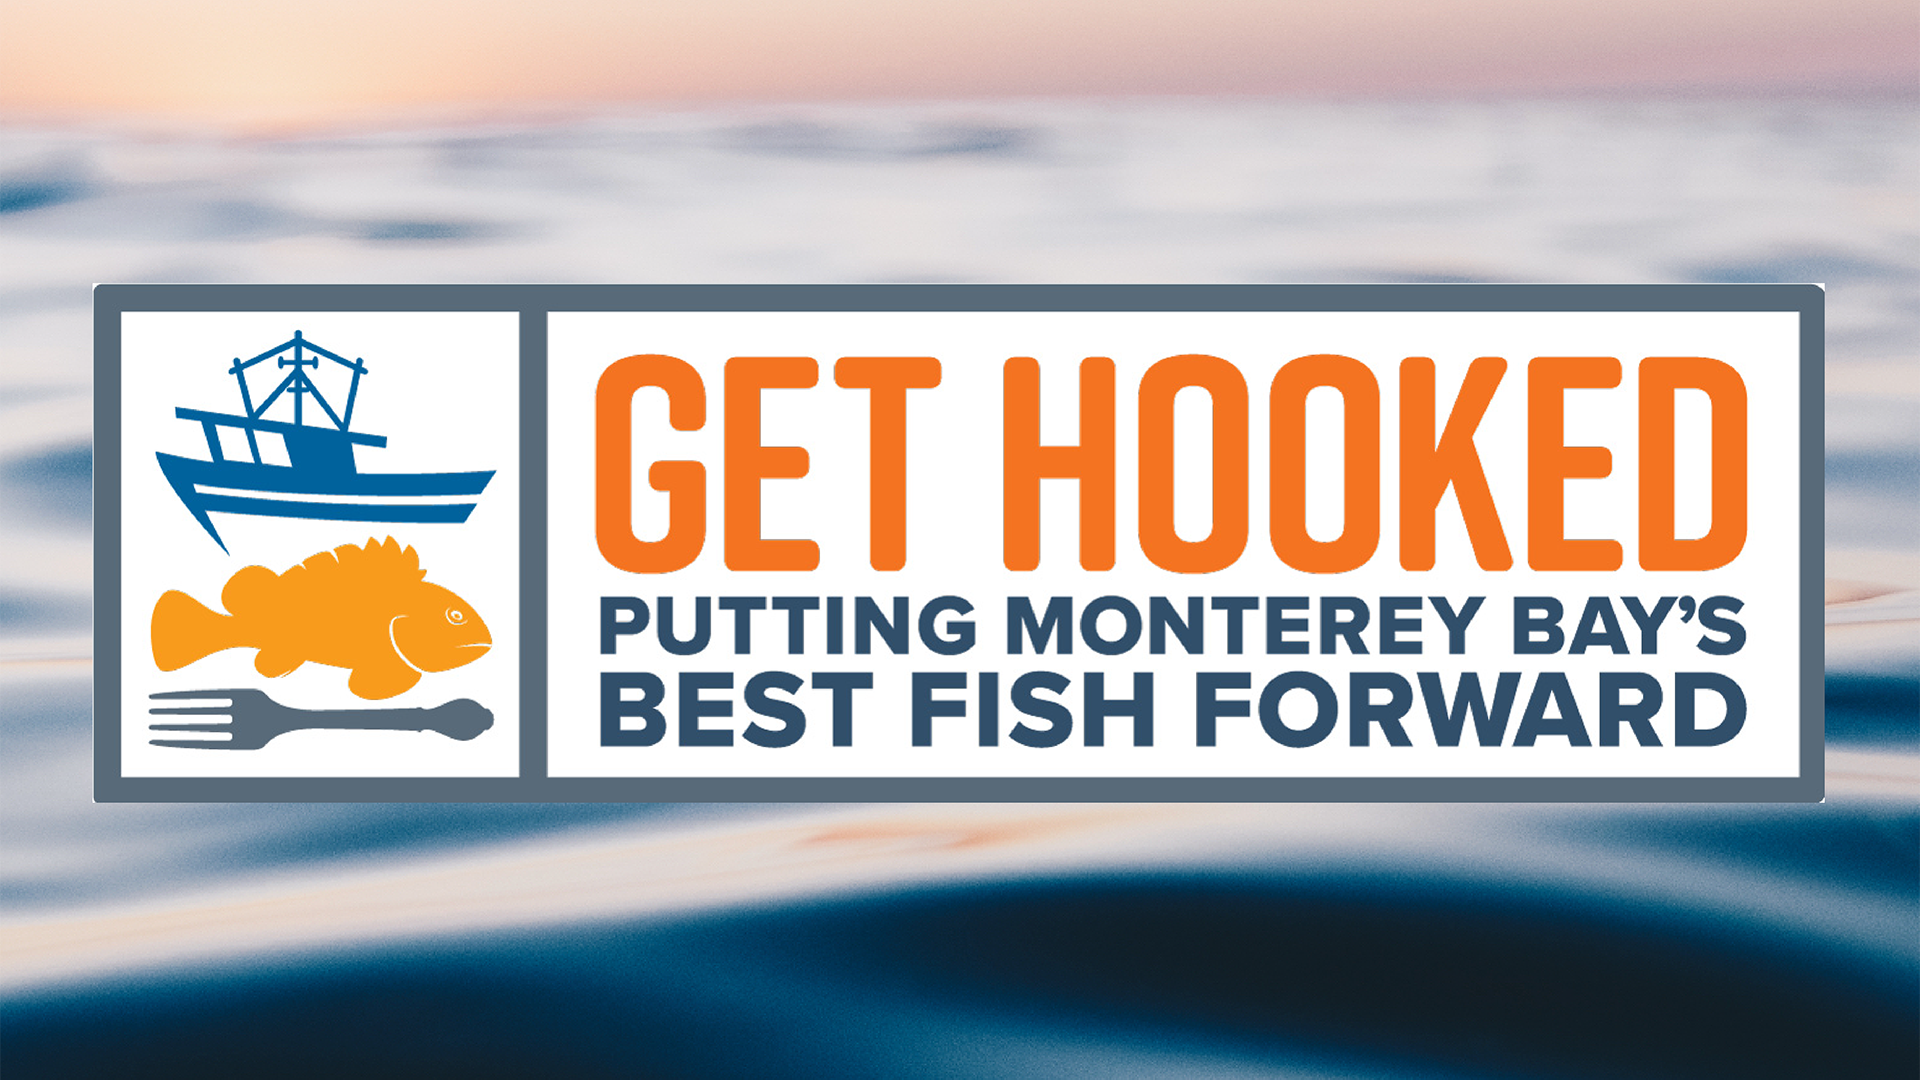 Get Hooked Restaurant Week @ Monterey, CA